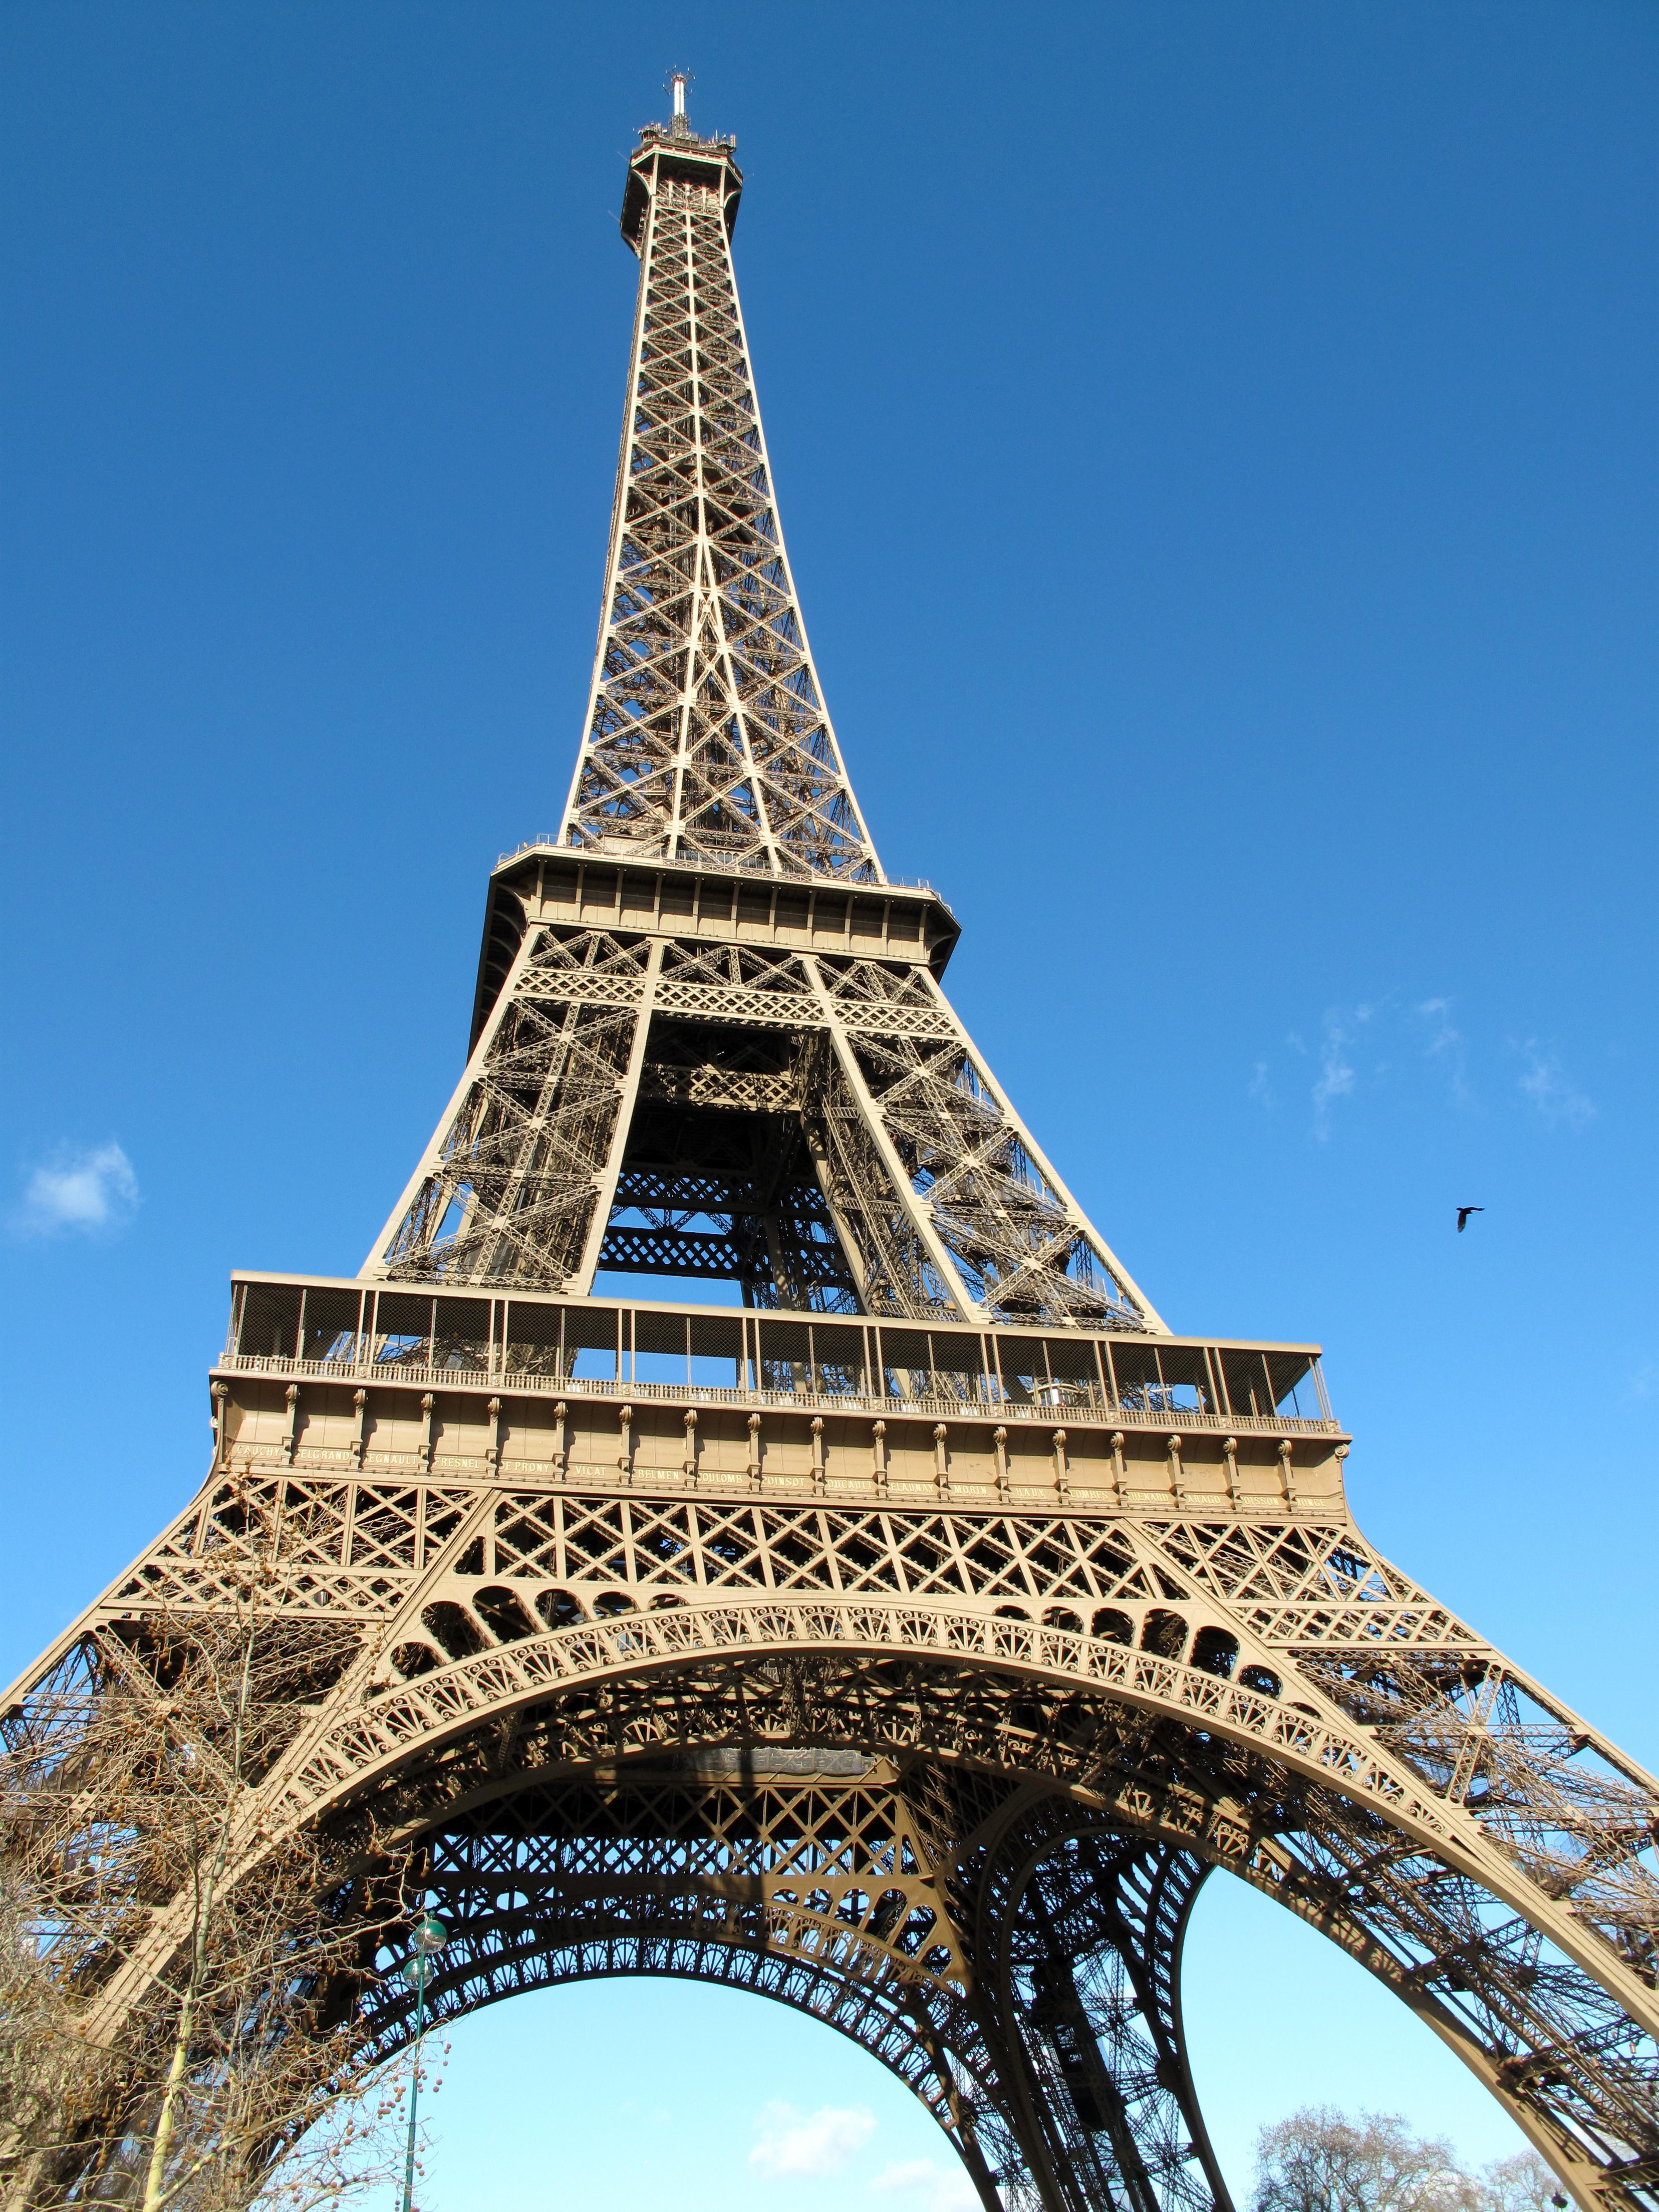 The Eiffel Tower Omdenken